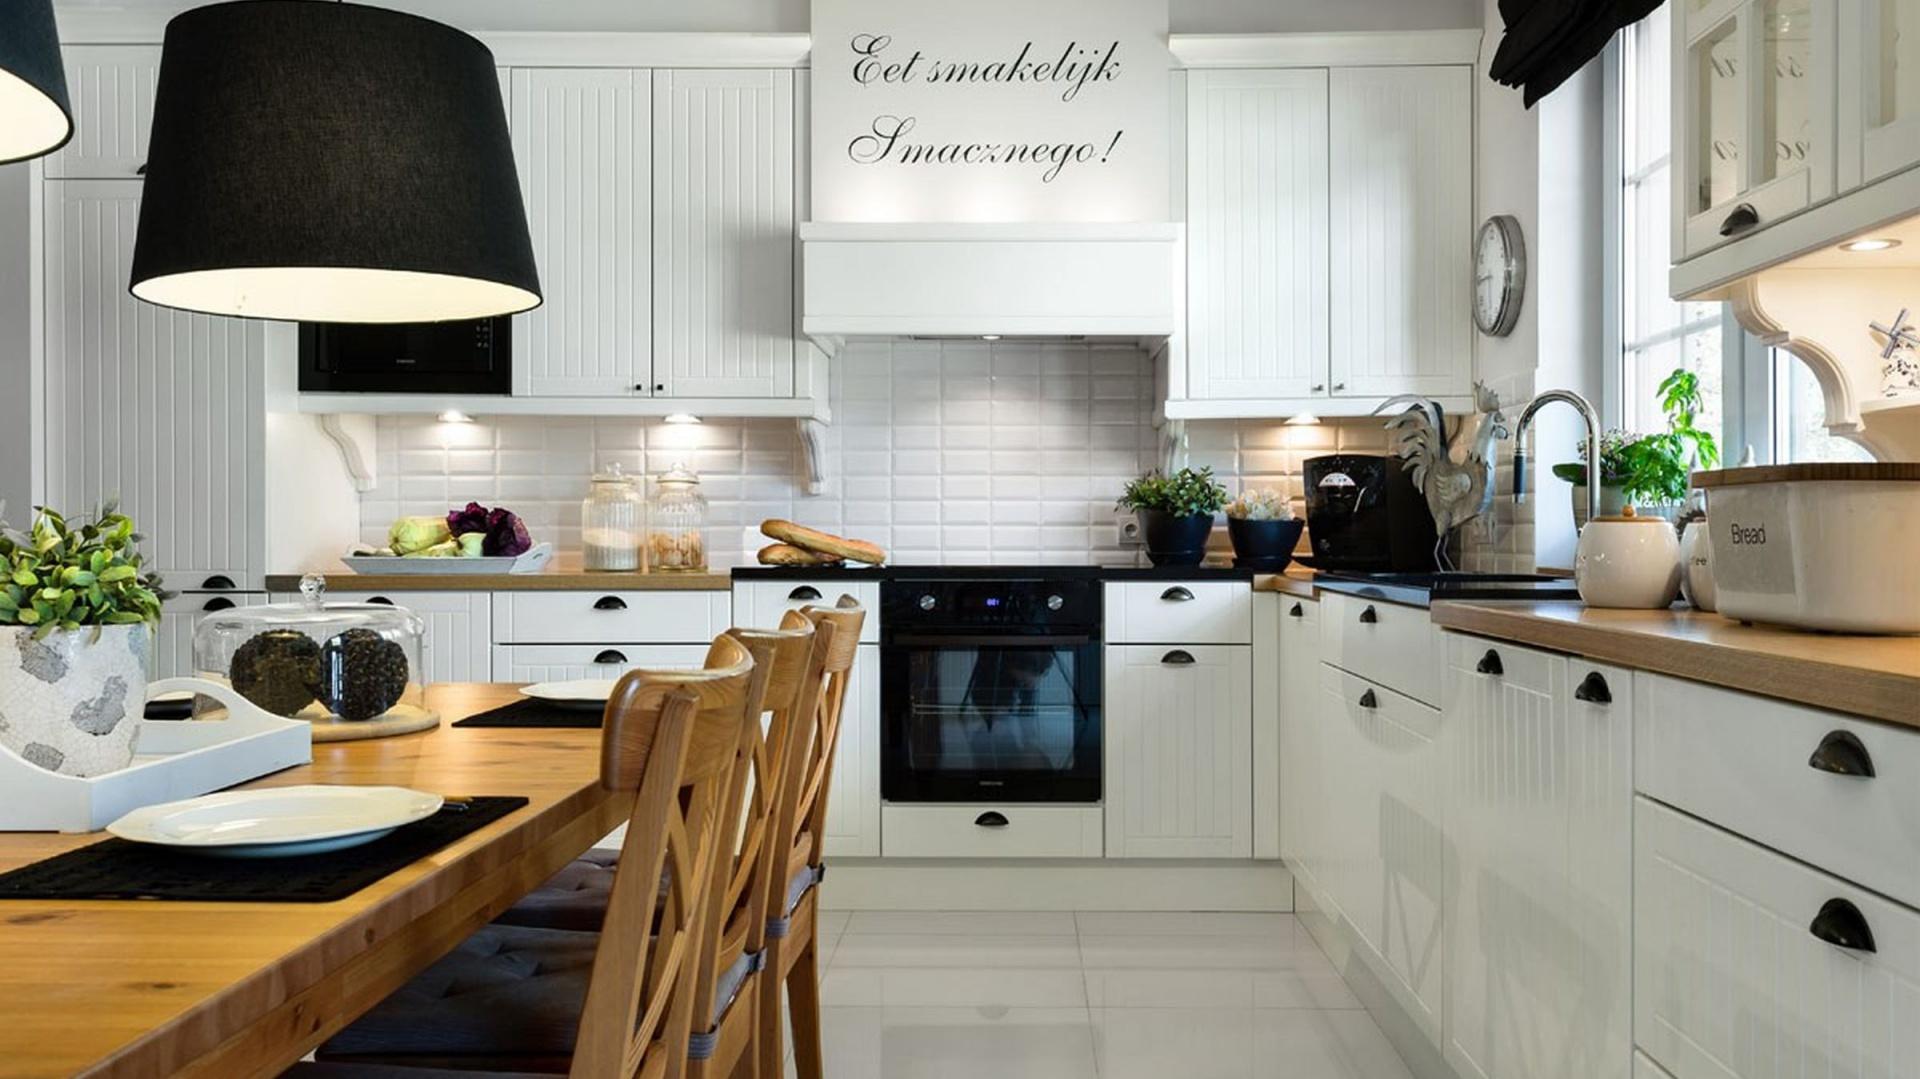 Napis nad strefą gotowania życzy domownikom smacznego i pozwala poczuć się w kuchni, jak w domu. Zapisany został w dwóch językach - polskim i holenderskim. Projekt: Małgorzata Błaszczak, Pracownia Mebli Vigo. Fot. Artur Krupa.